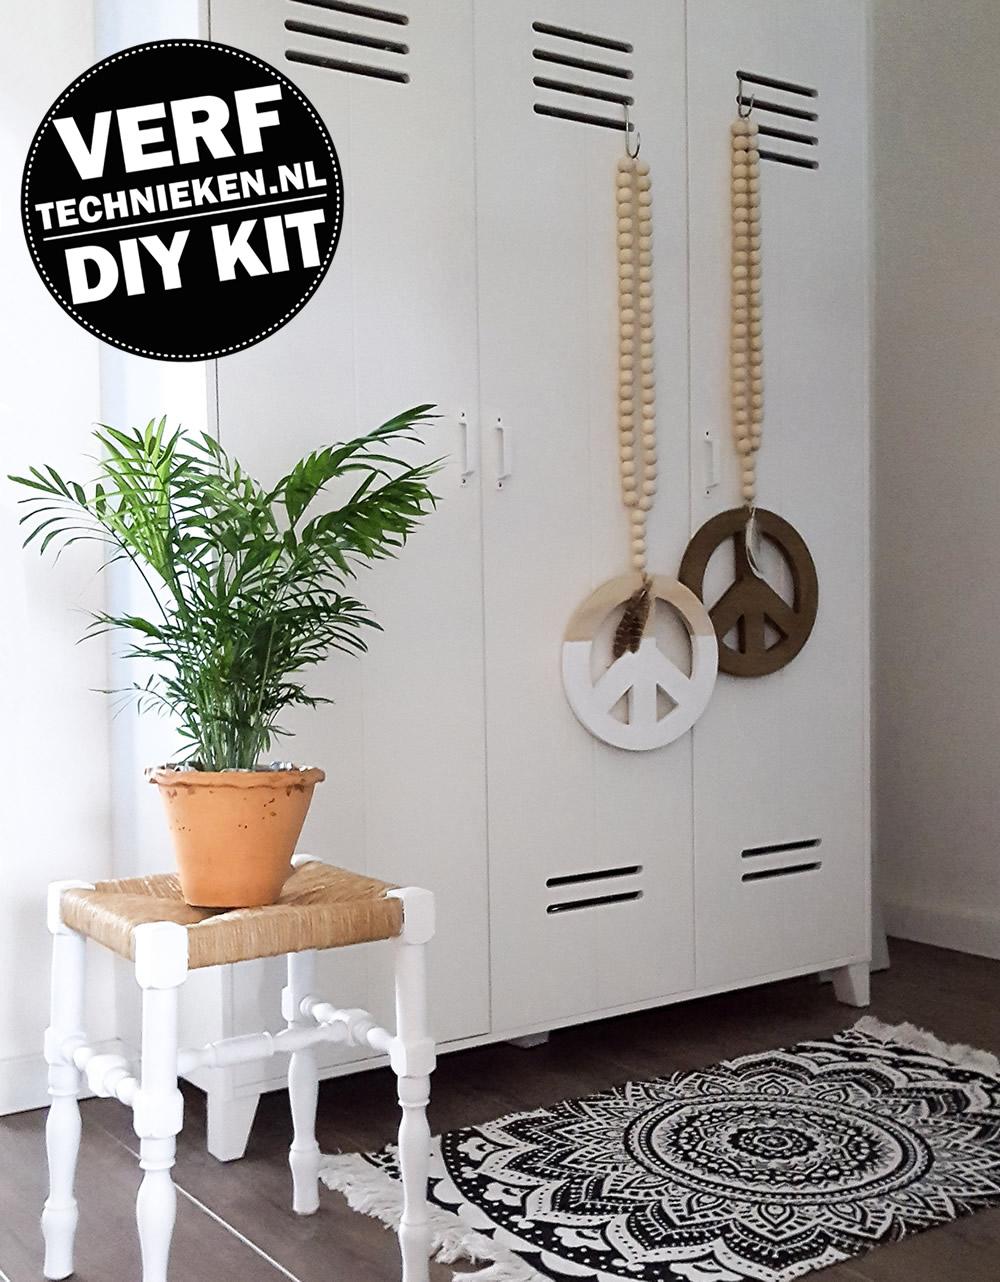 DIY-Pakket Woonketting Peace -verftechnieken.nl